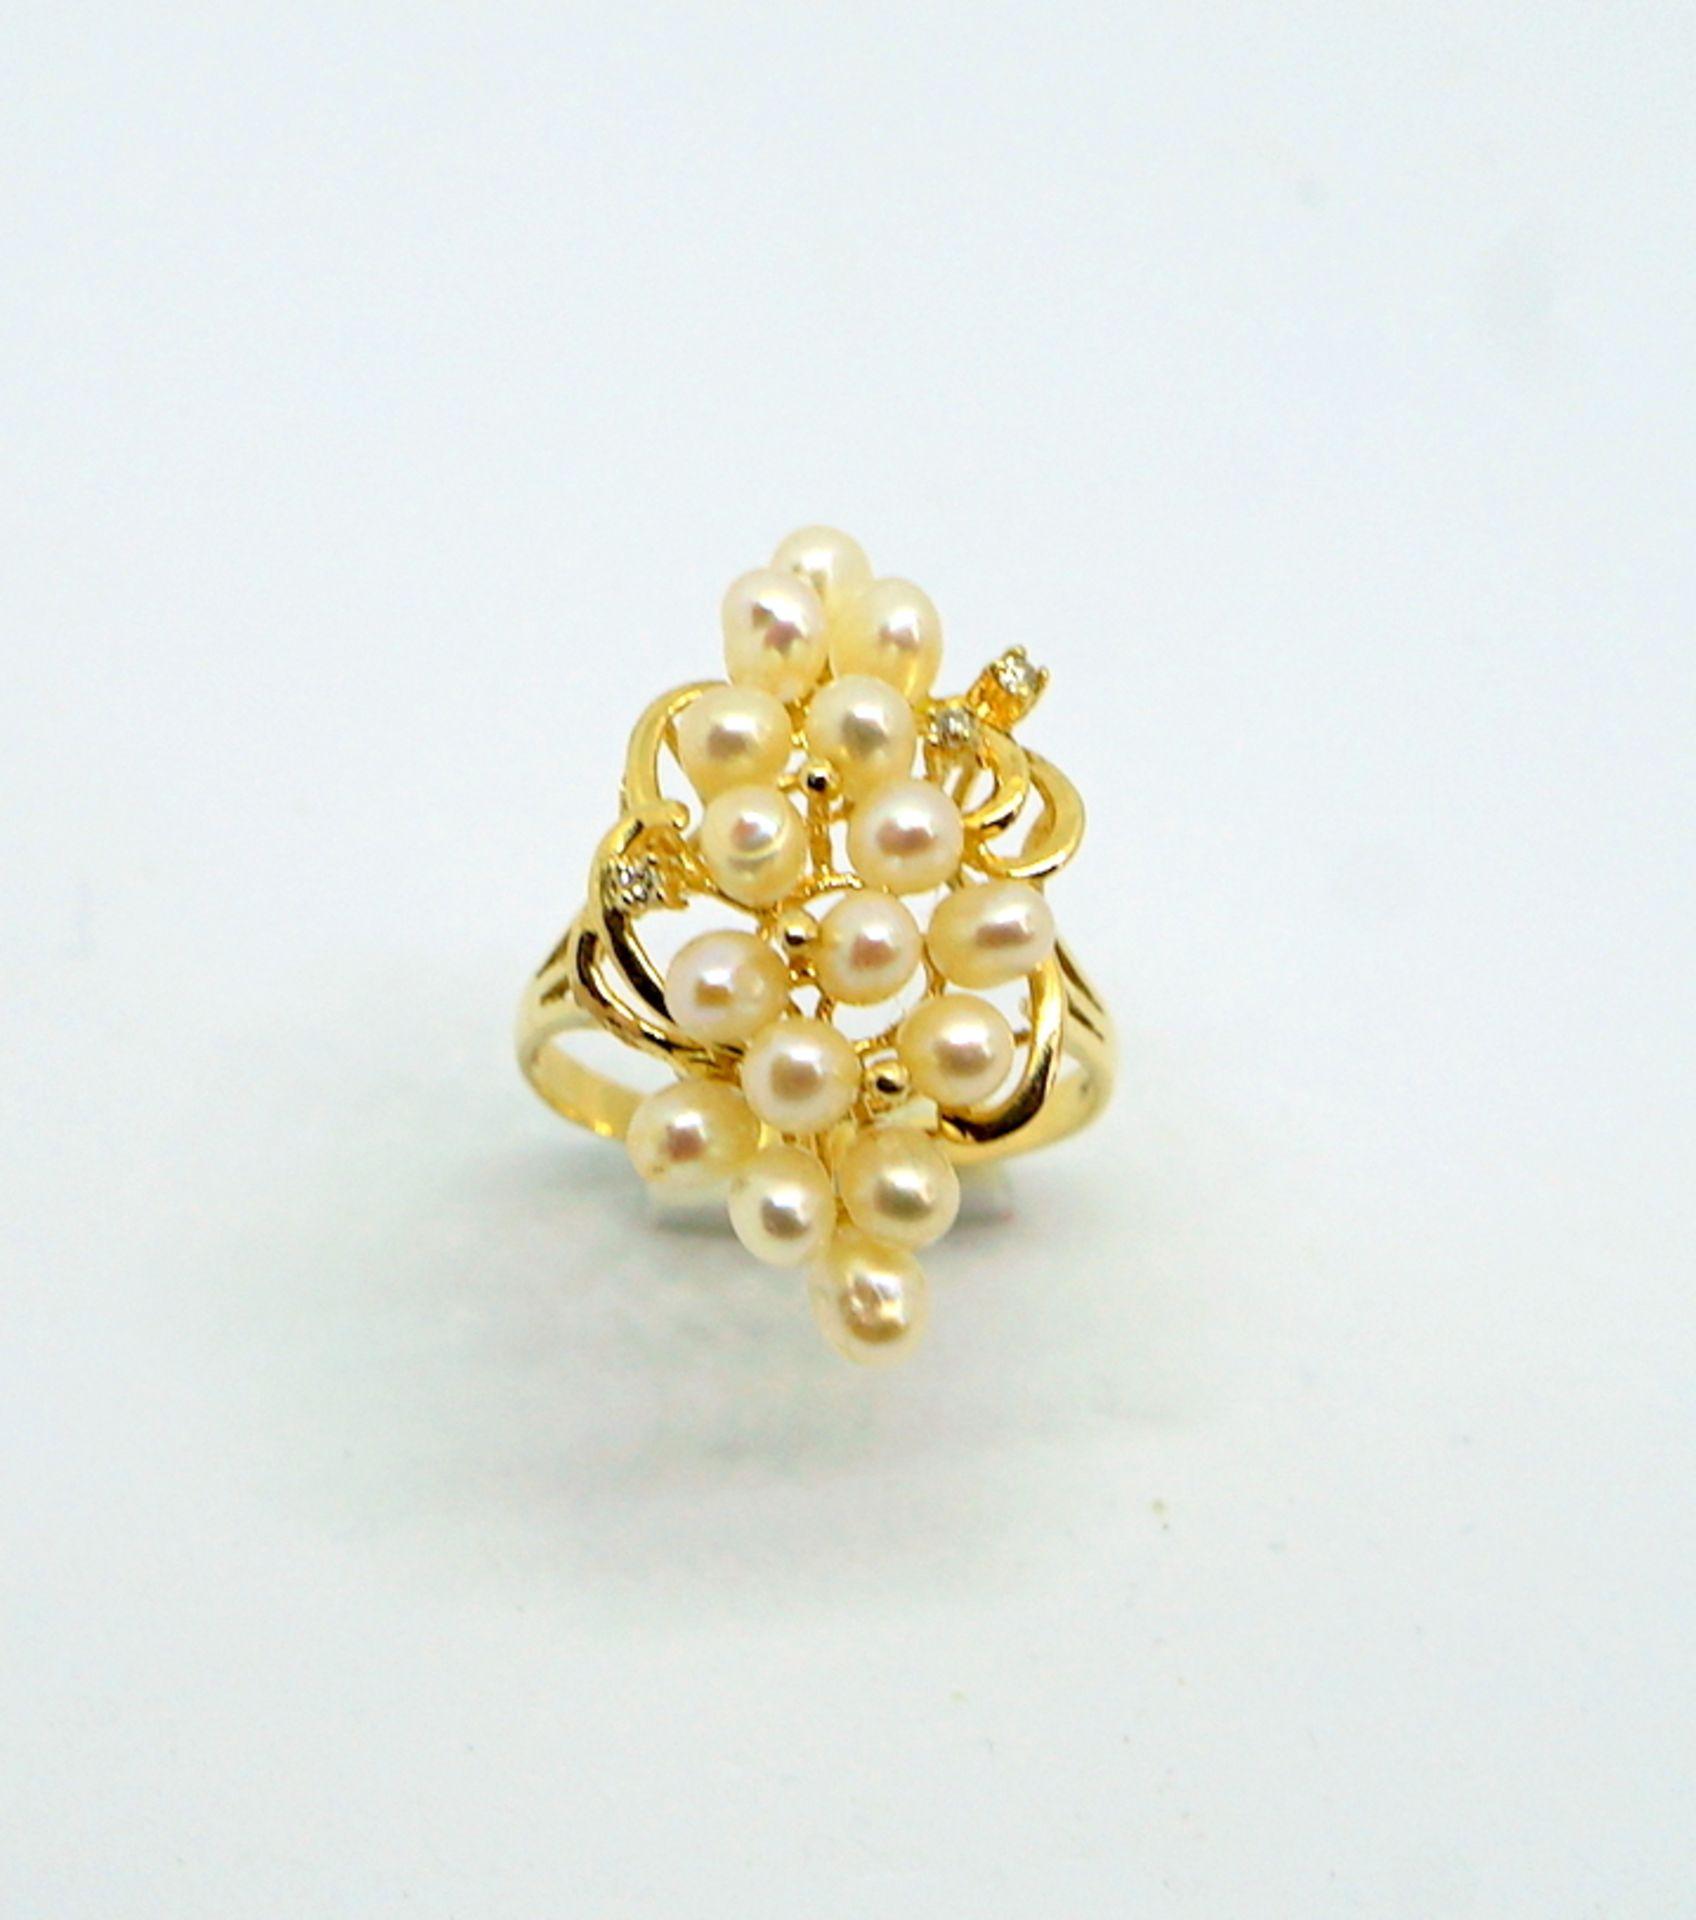 Feiner Perlenring14 K Gelbgold. Prächtiger Damenring besetzt mit kleinen Perlen, flan - Image 4 of 4